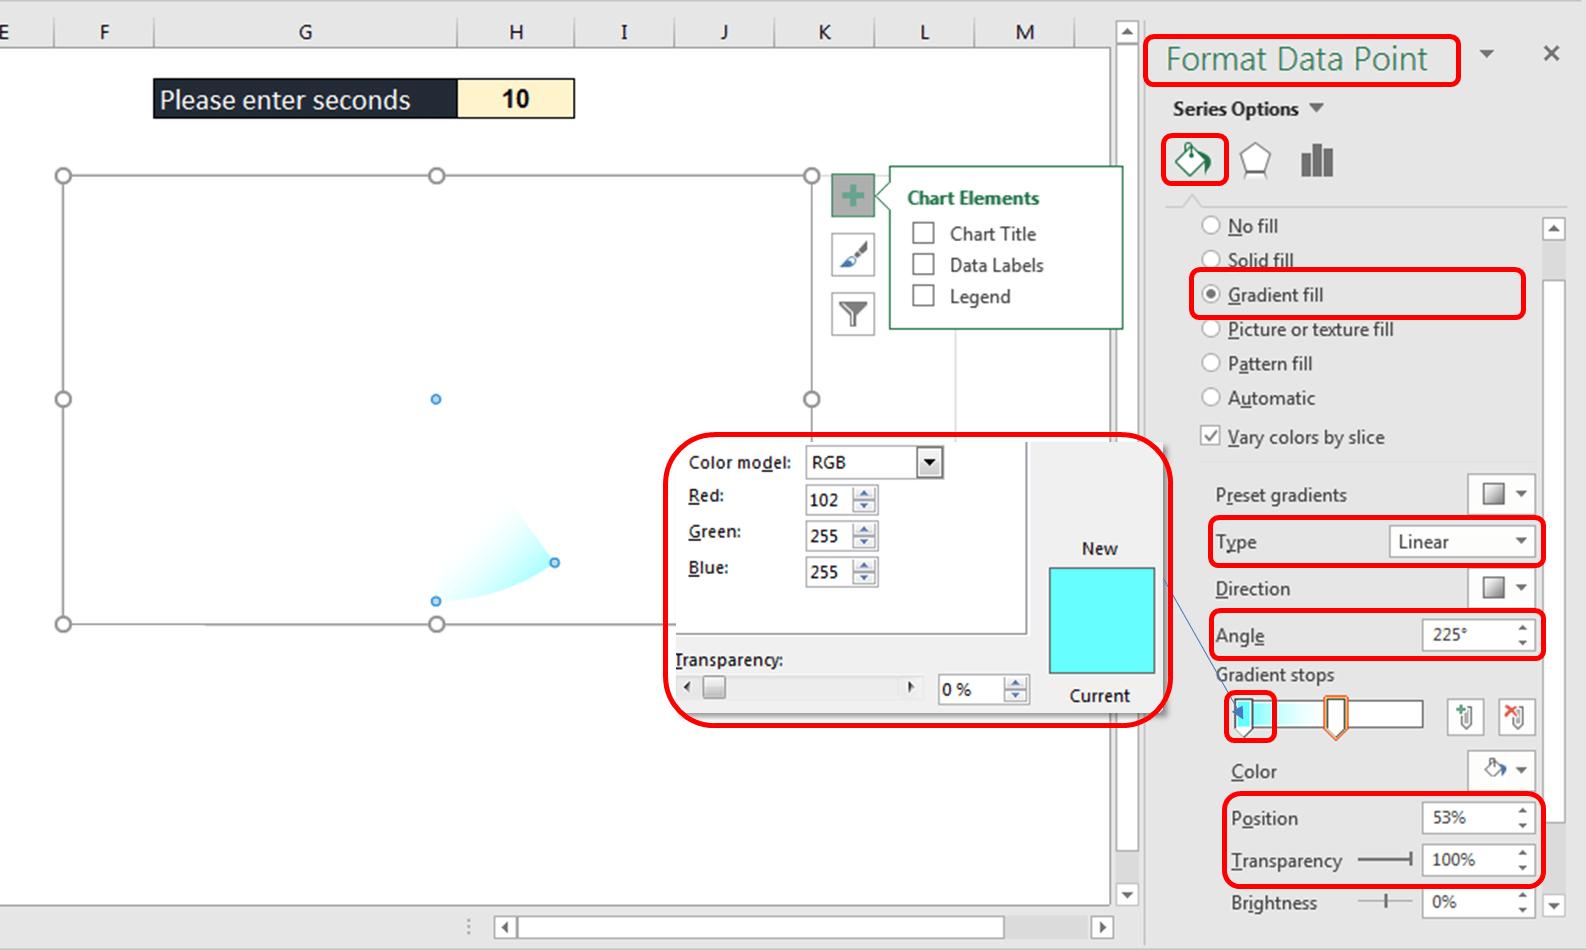 آموزش ایجاد اکسل زمان سنج شمارنده معکوس (تایمر) * ثانیه شمار معکوس 1 ایجاد اکسل زمان سنج شمارنده معکوس